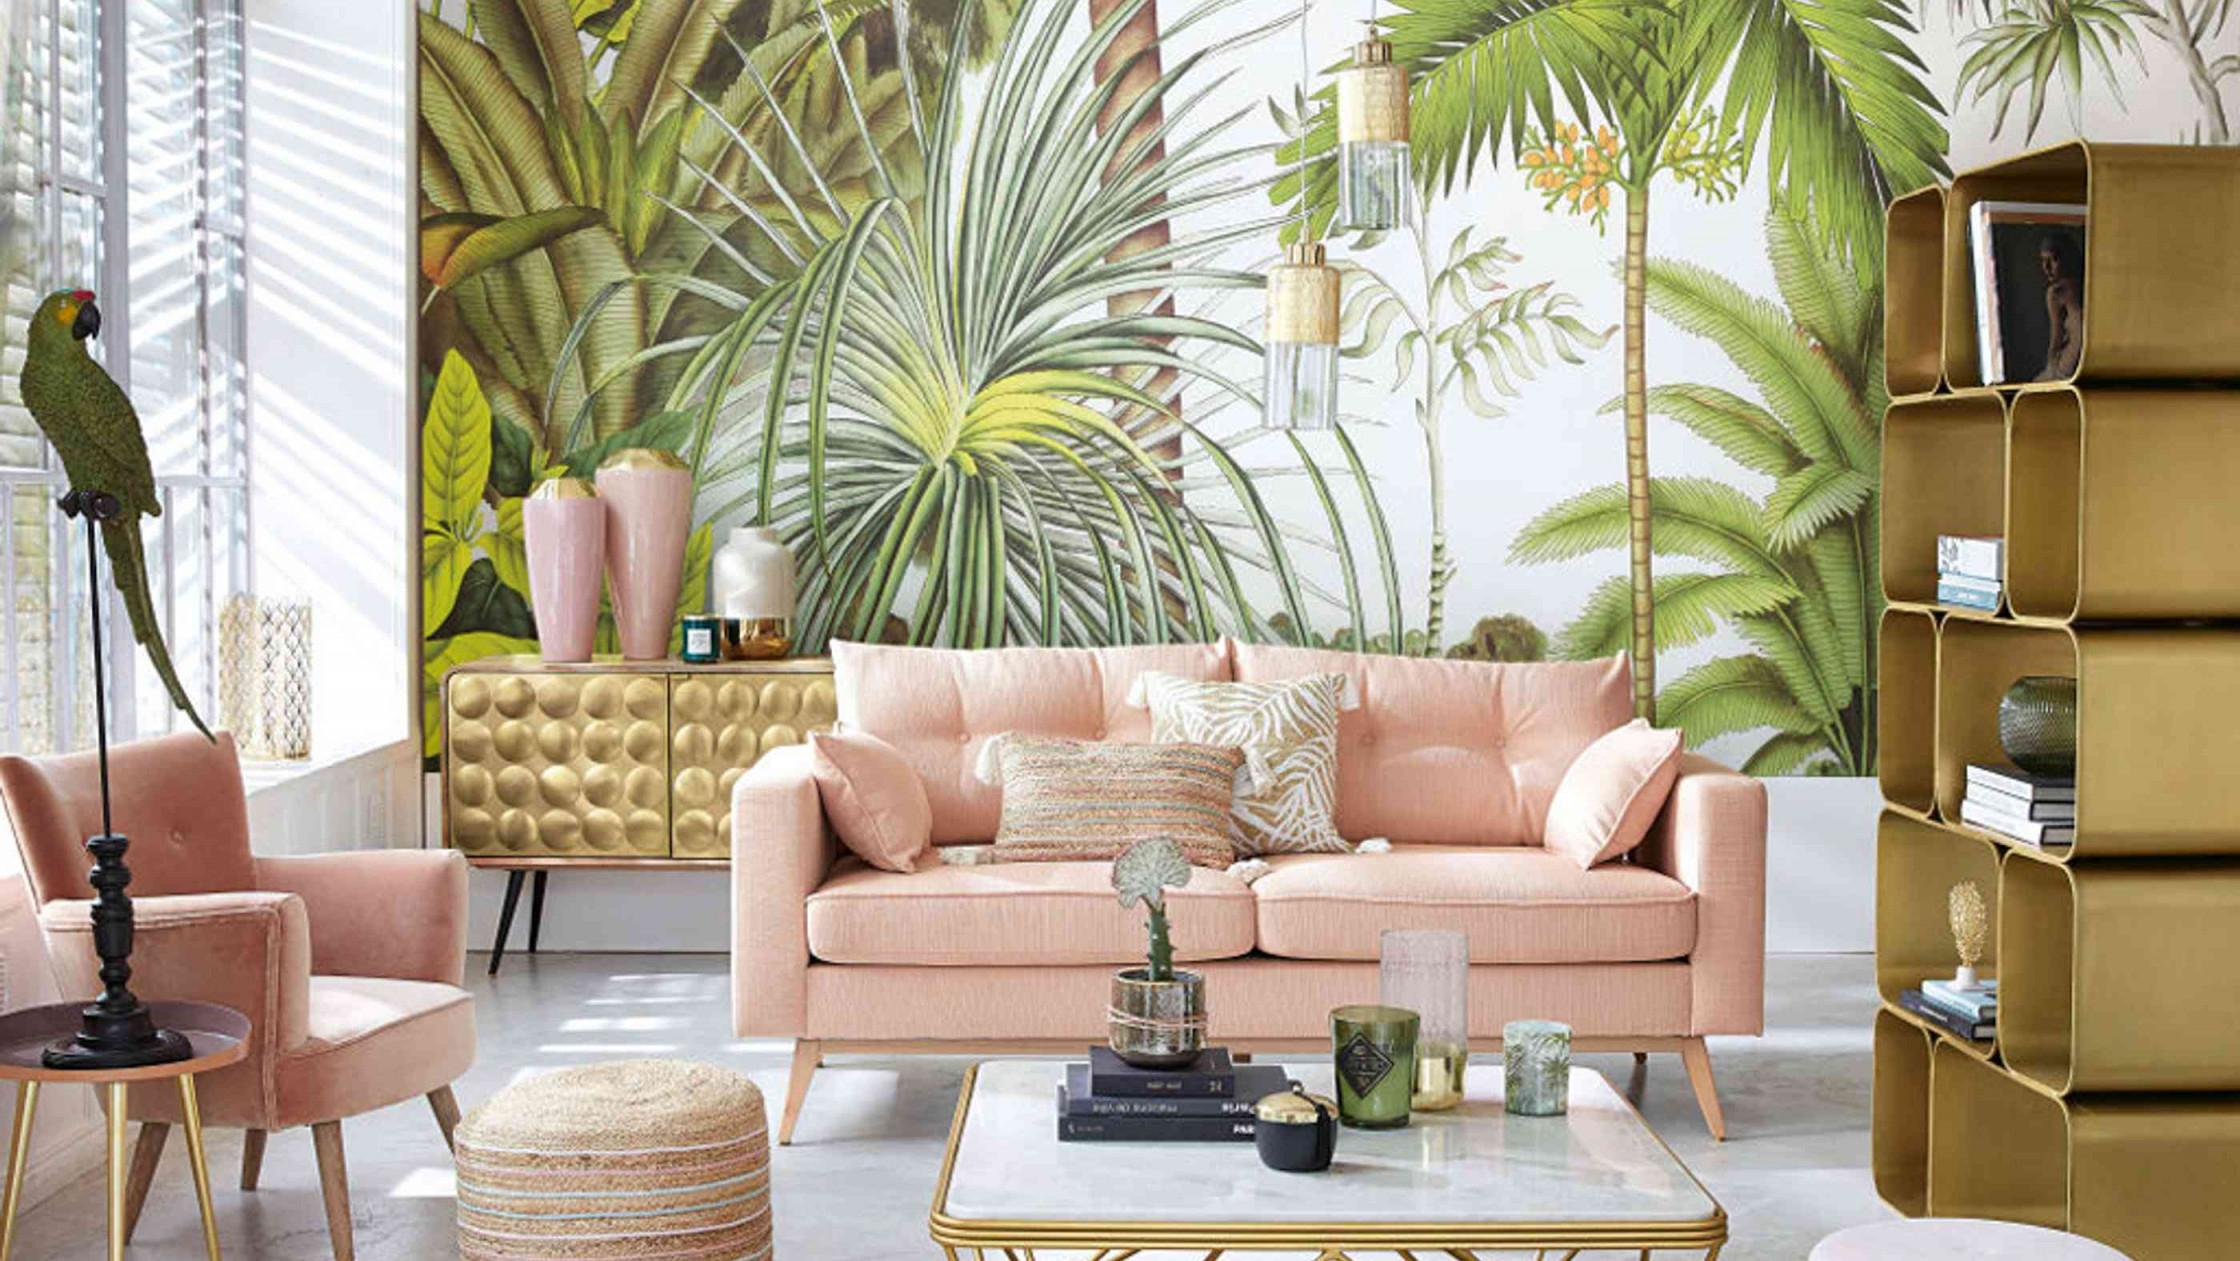 Wandgestaltung Im Wohnzimmer Tipps Zu Farben Tapeten von Stylische Tapeten Wohnzimmer Photo